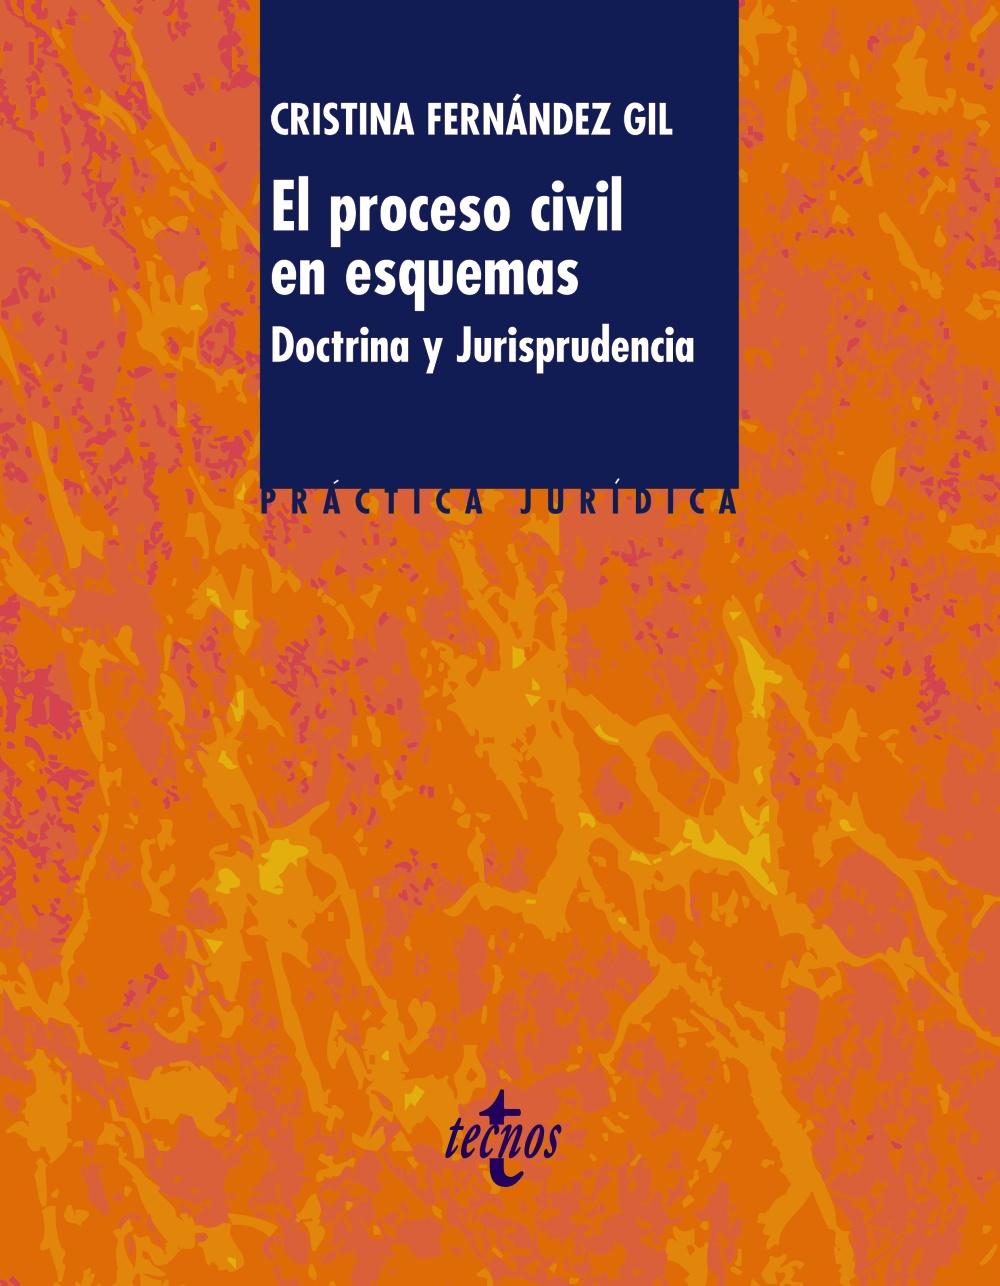 El proceso civil en esquemas